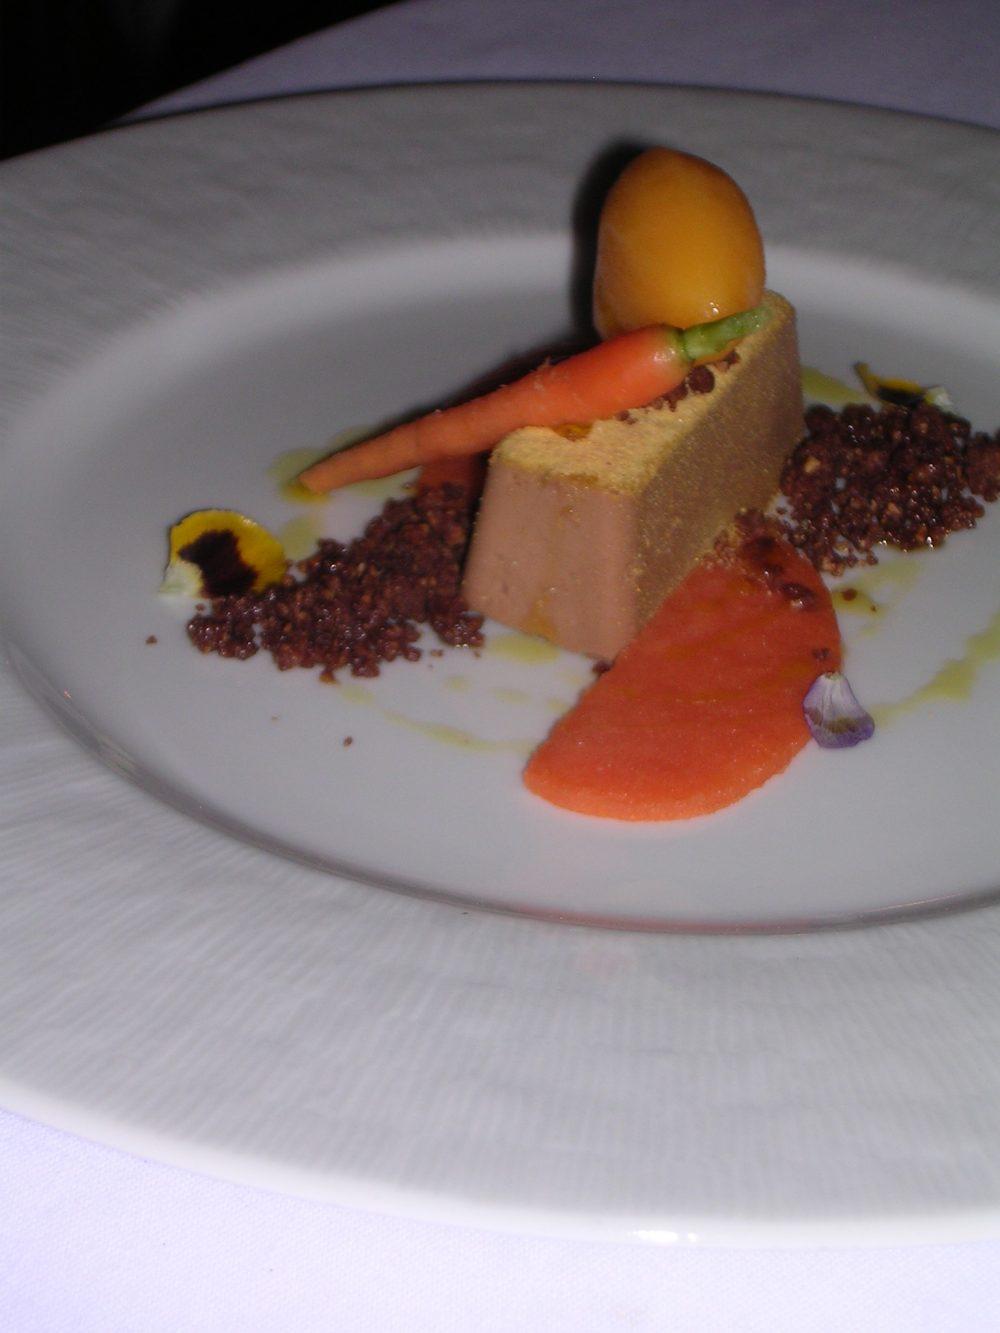 Uliassi, Senigallia, mangiacarota, mandarino, gianduia, carota